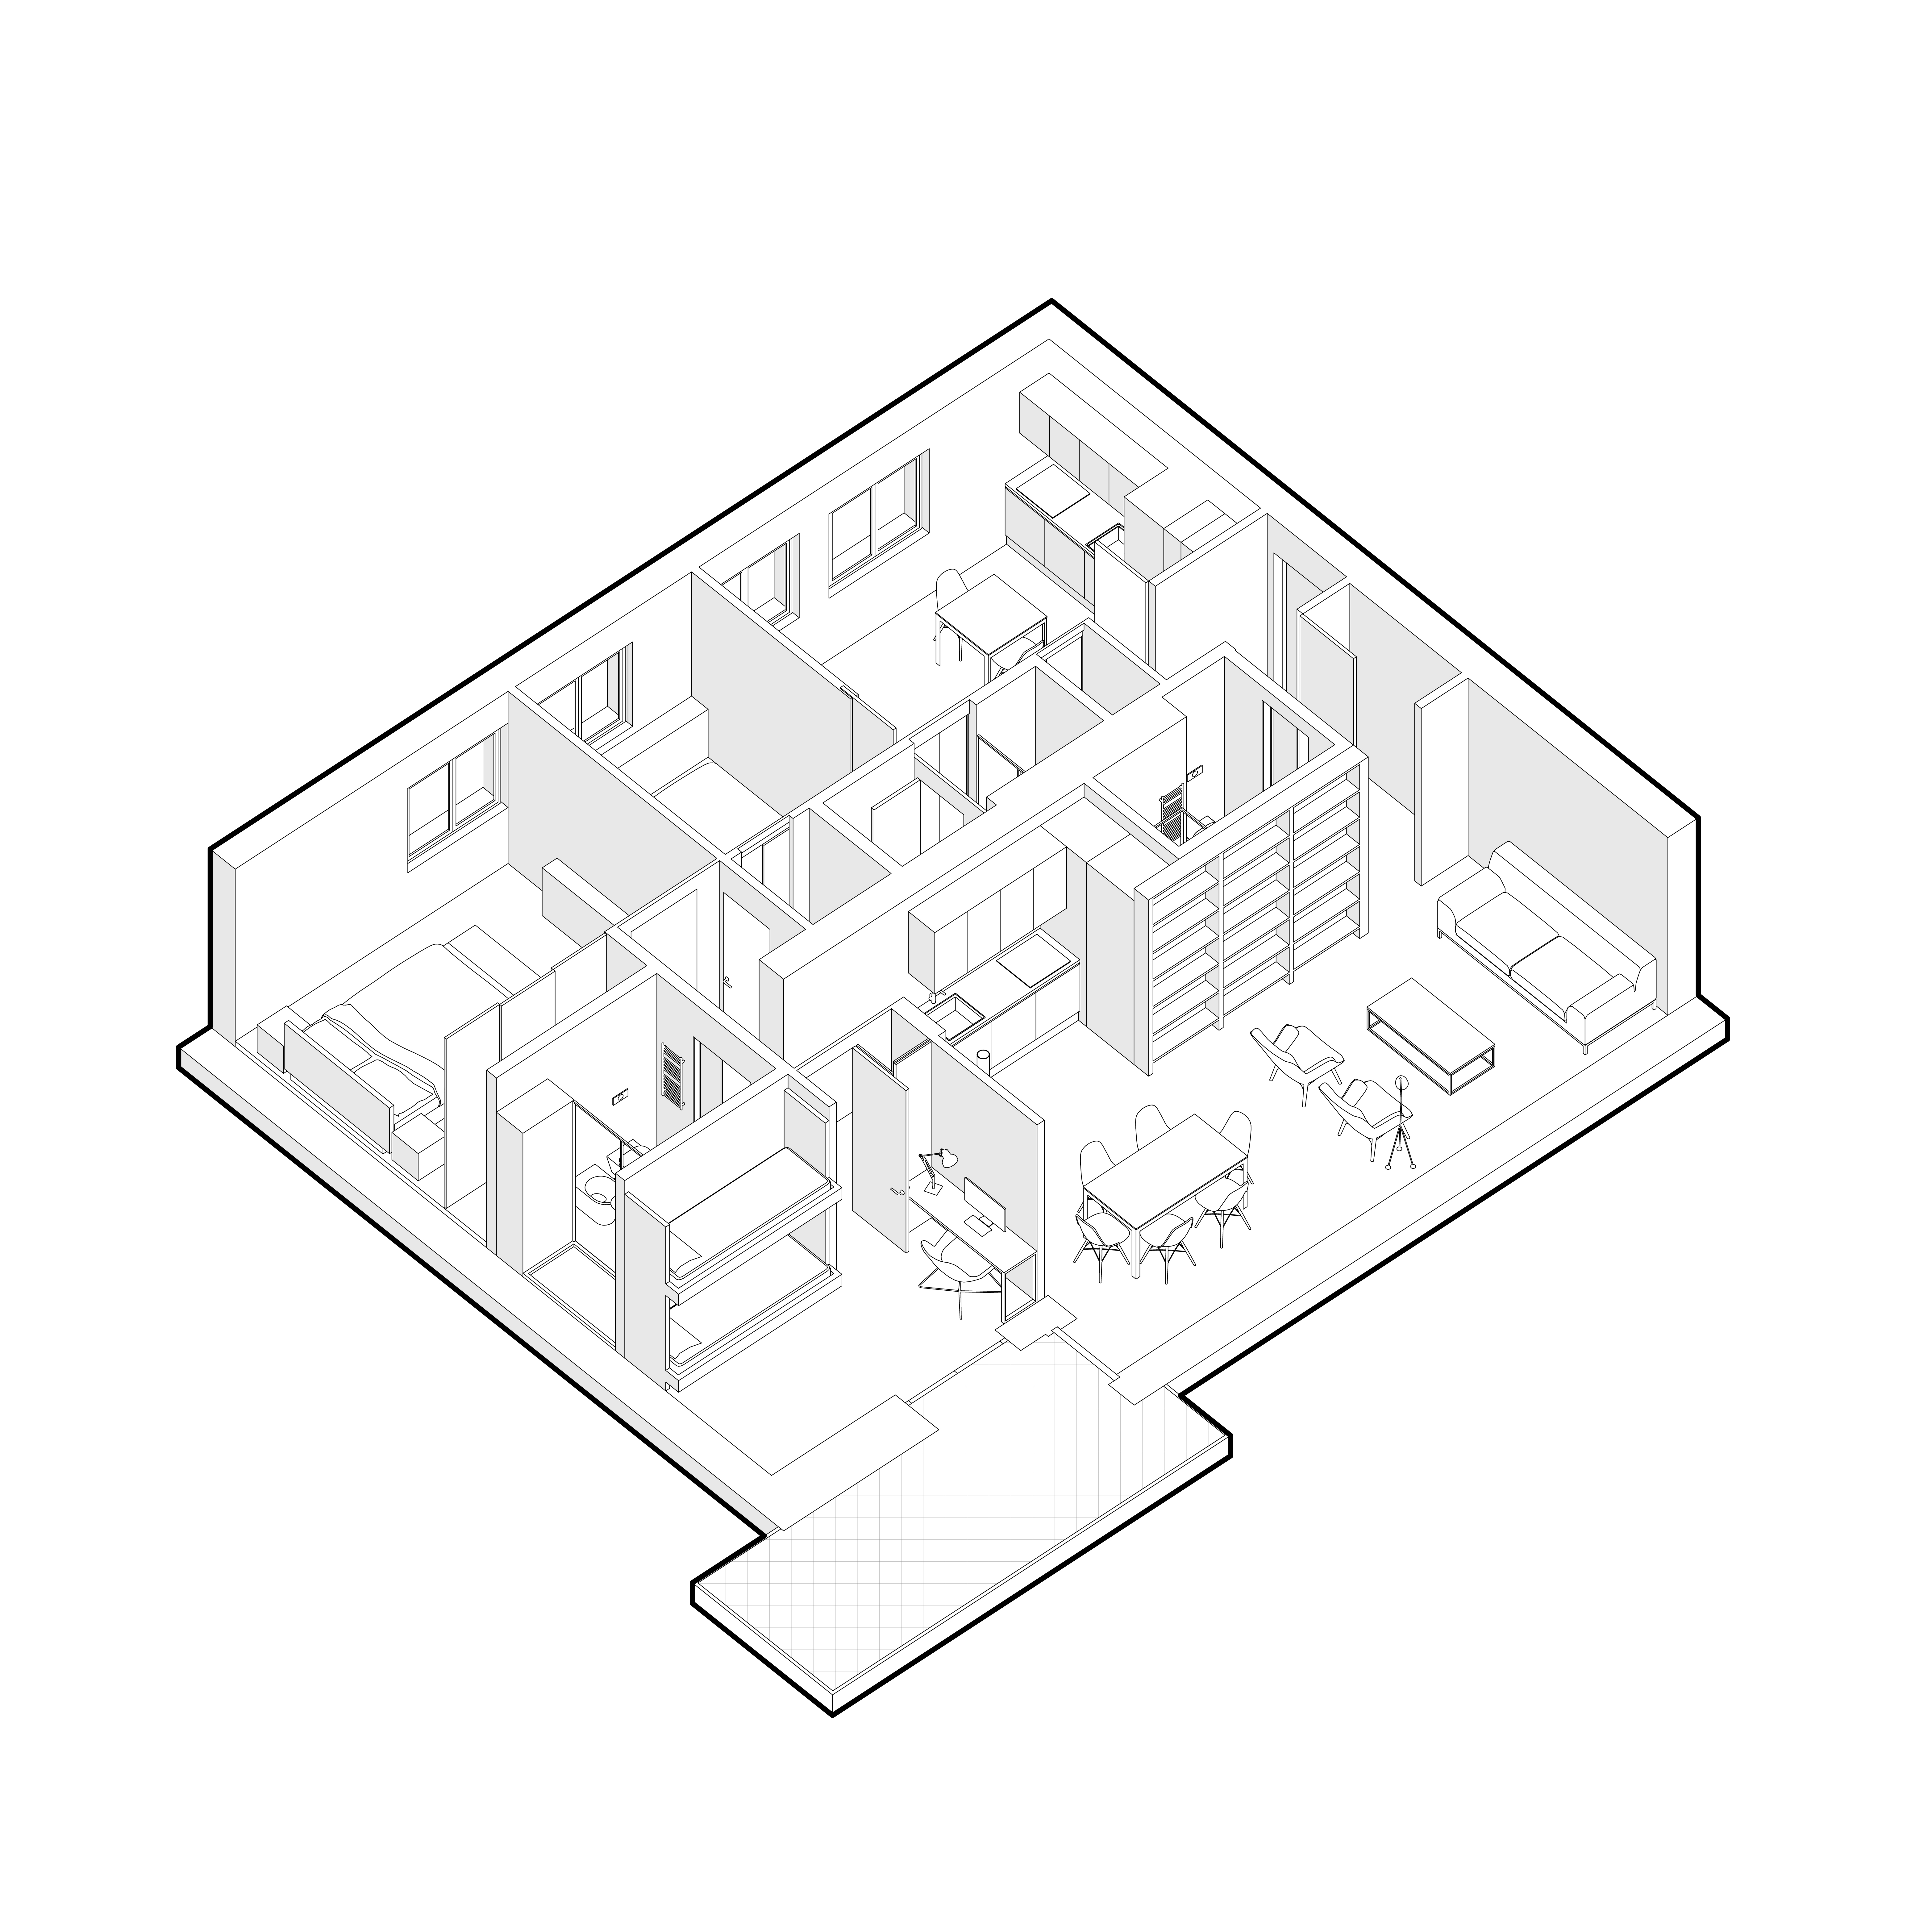 Canazei apartment axonometric